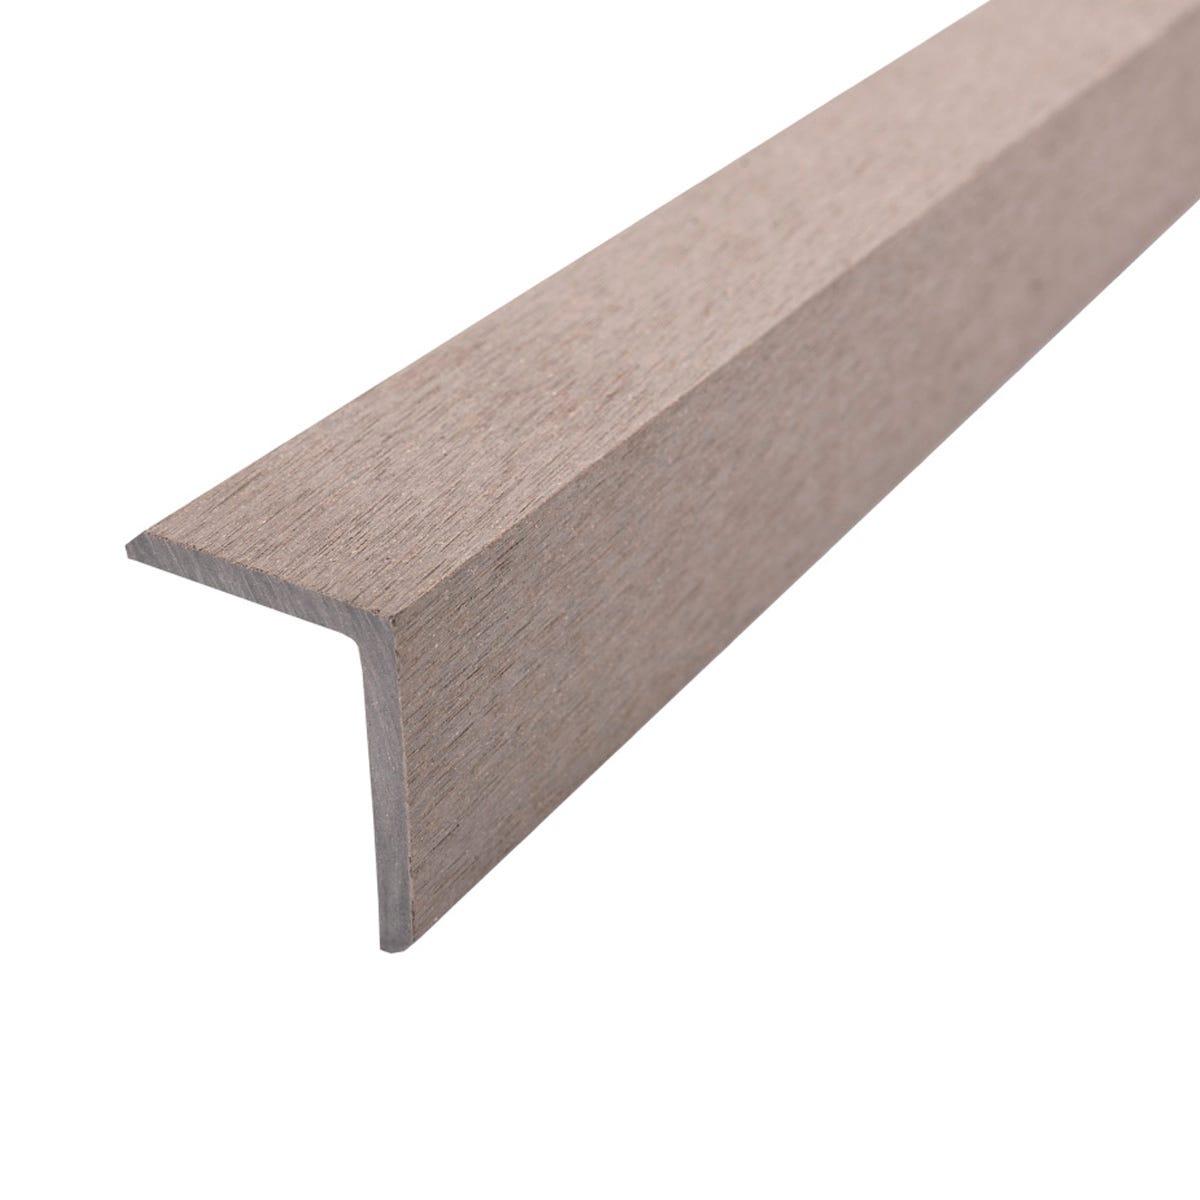 Select Composite Decking 1.8m Corner Trim Pk 5 - Antique